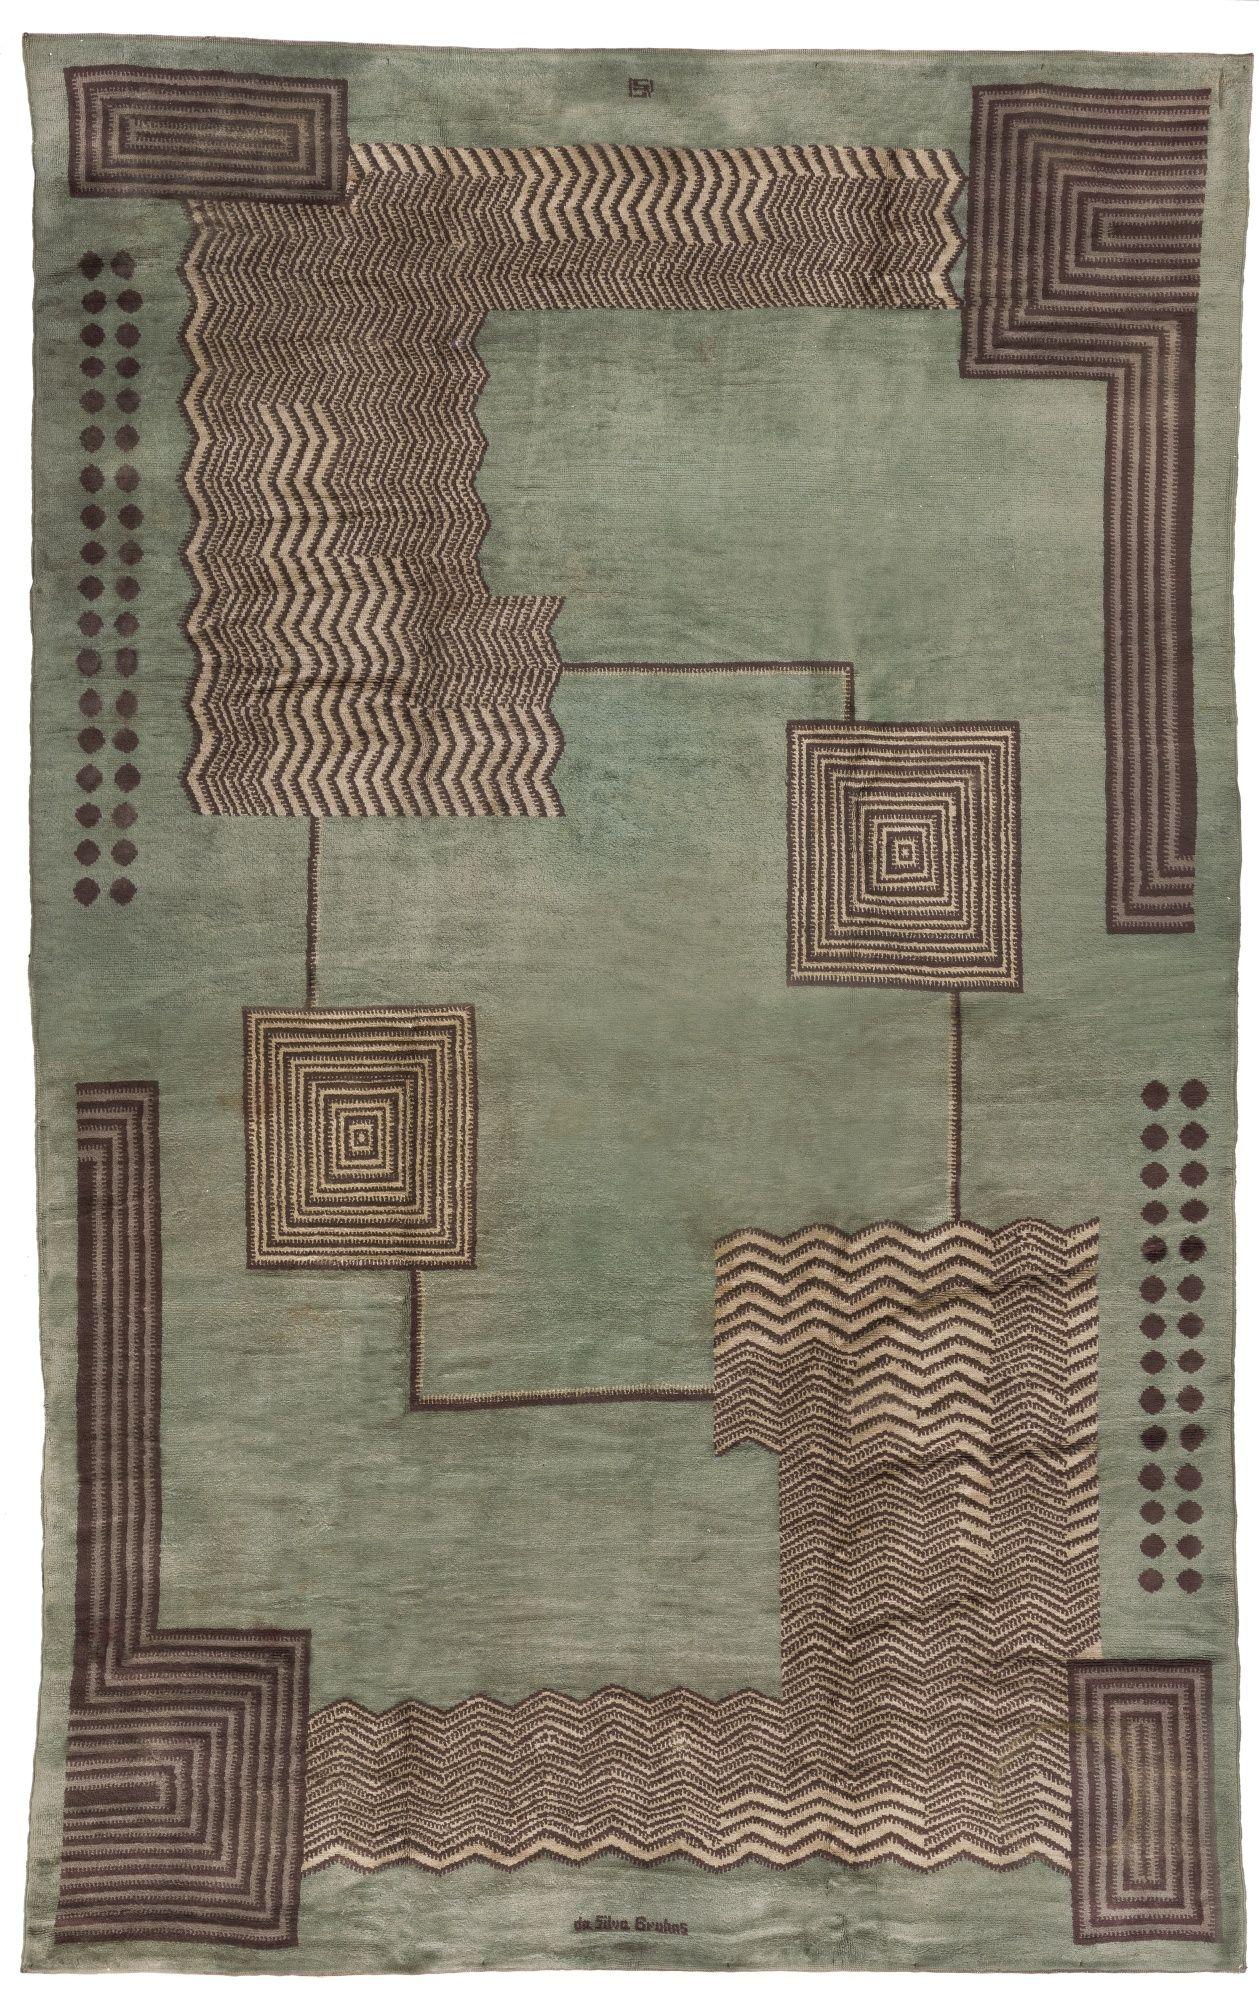 Ivan Da Silva Bruhns Lot Sotheby S Art Deco Rugs Rugs On Carpet Art Deco Design